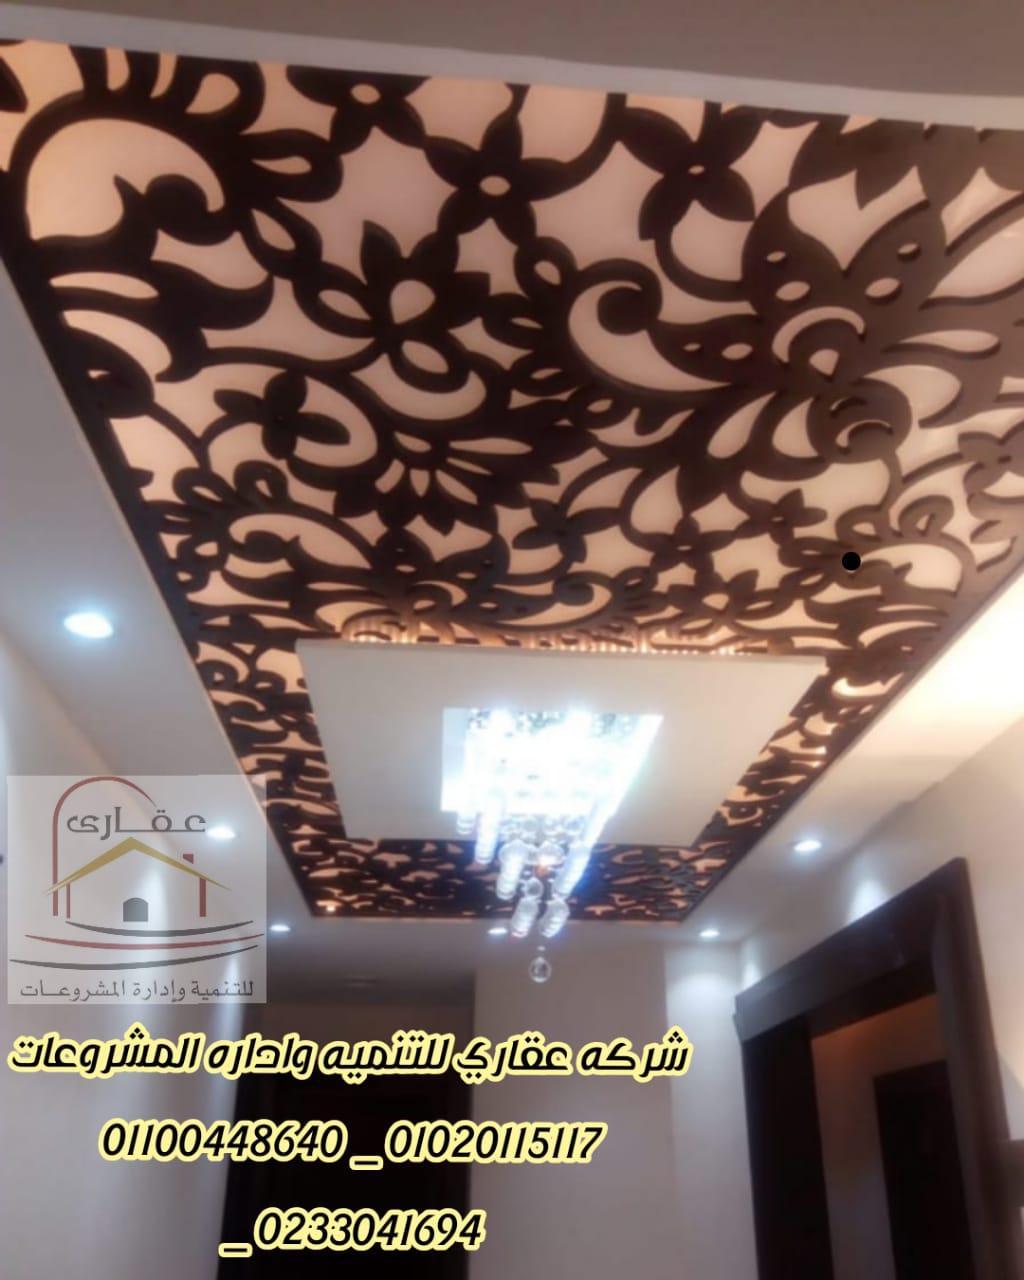 شركة تشطيبات فى القاهرة - شركة تشطيبات ( شركة عقارى 01020115117 ) 601049078